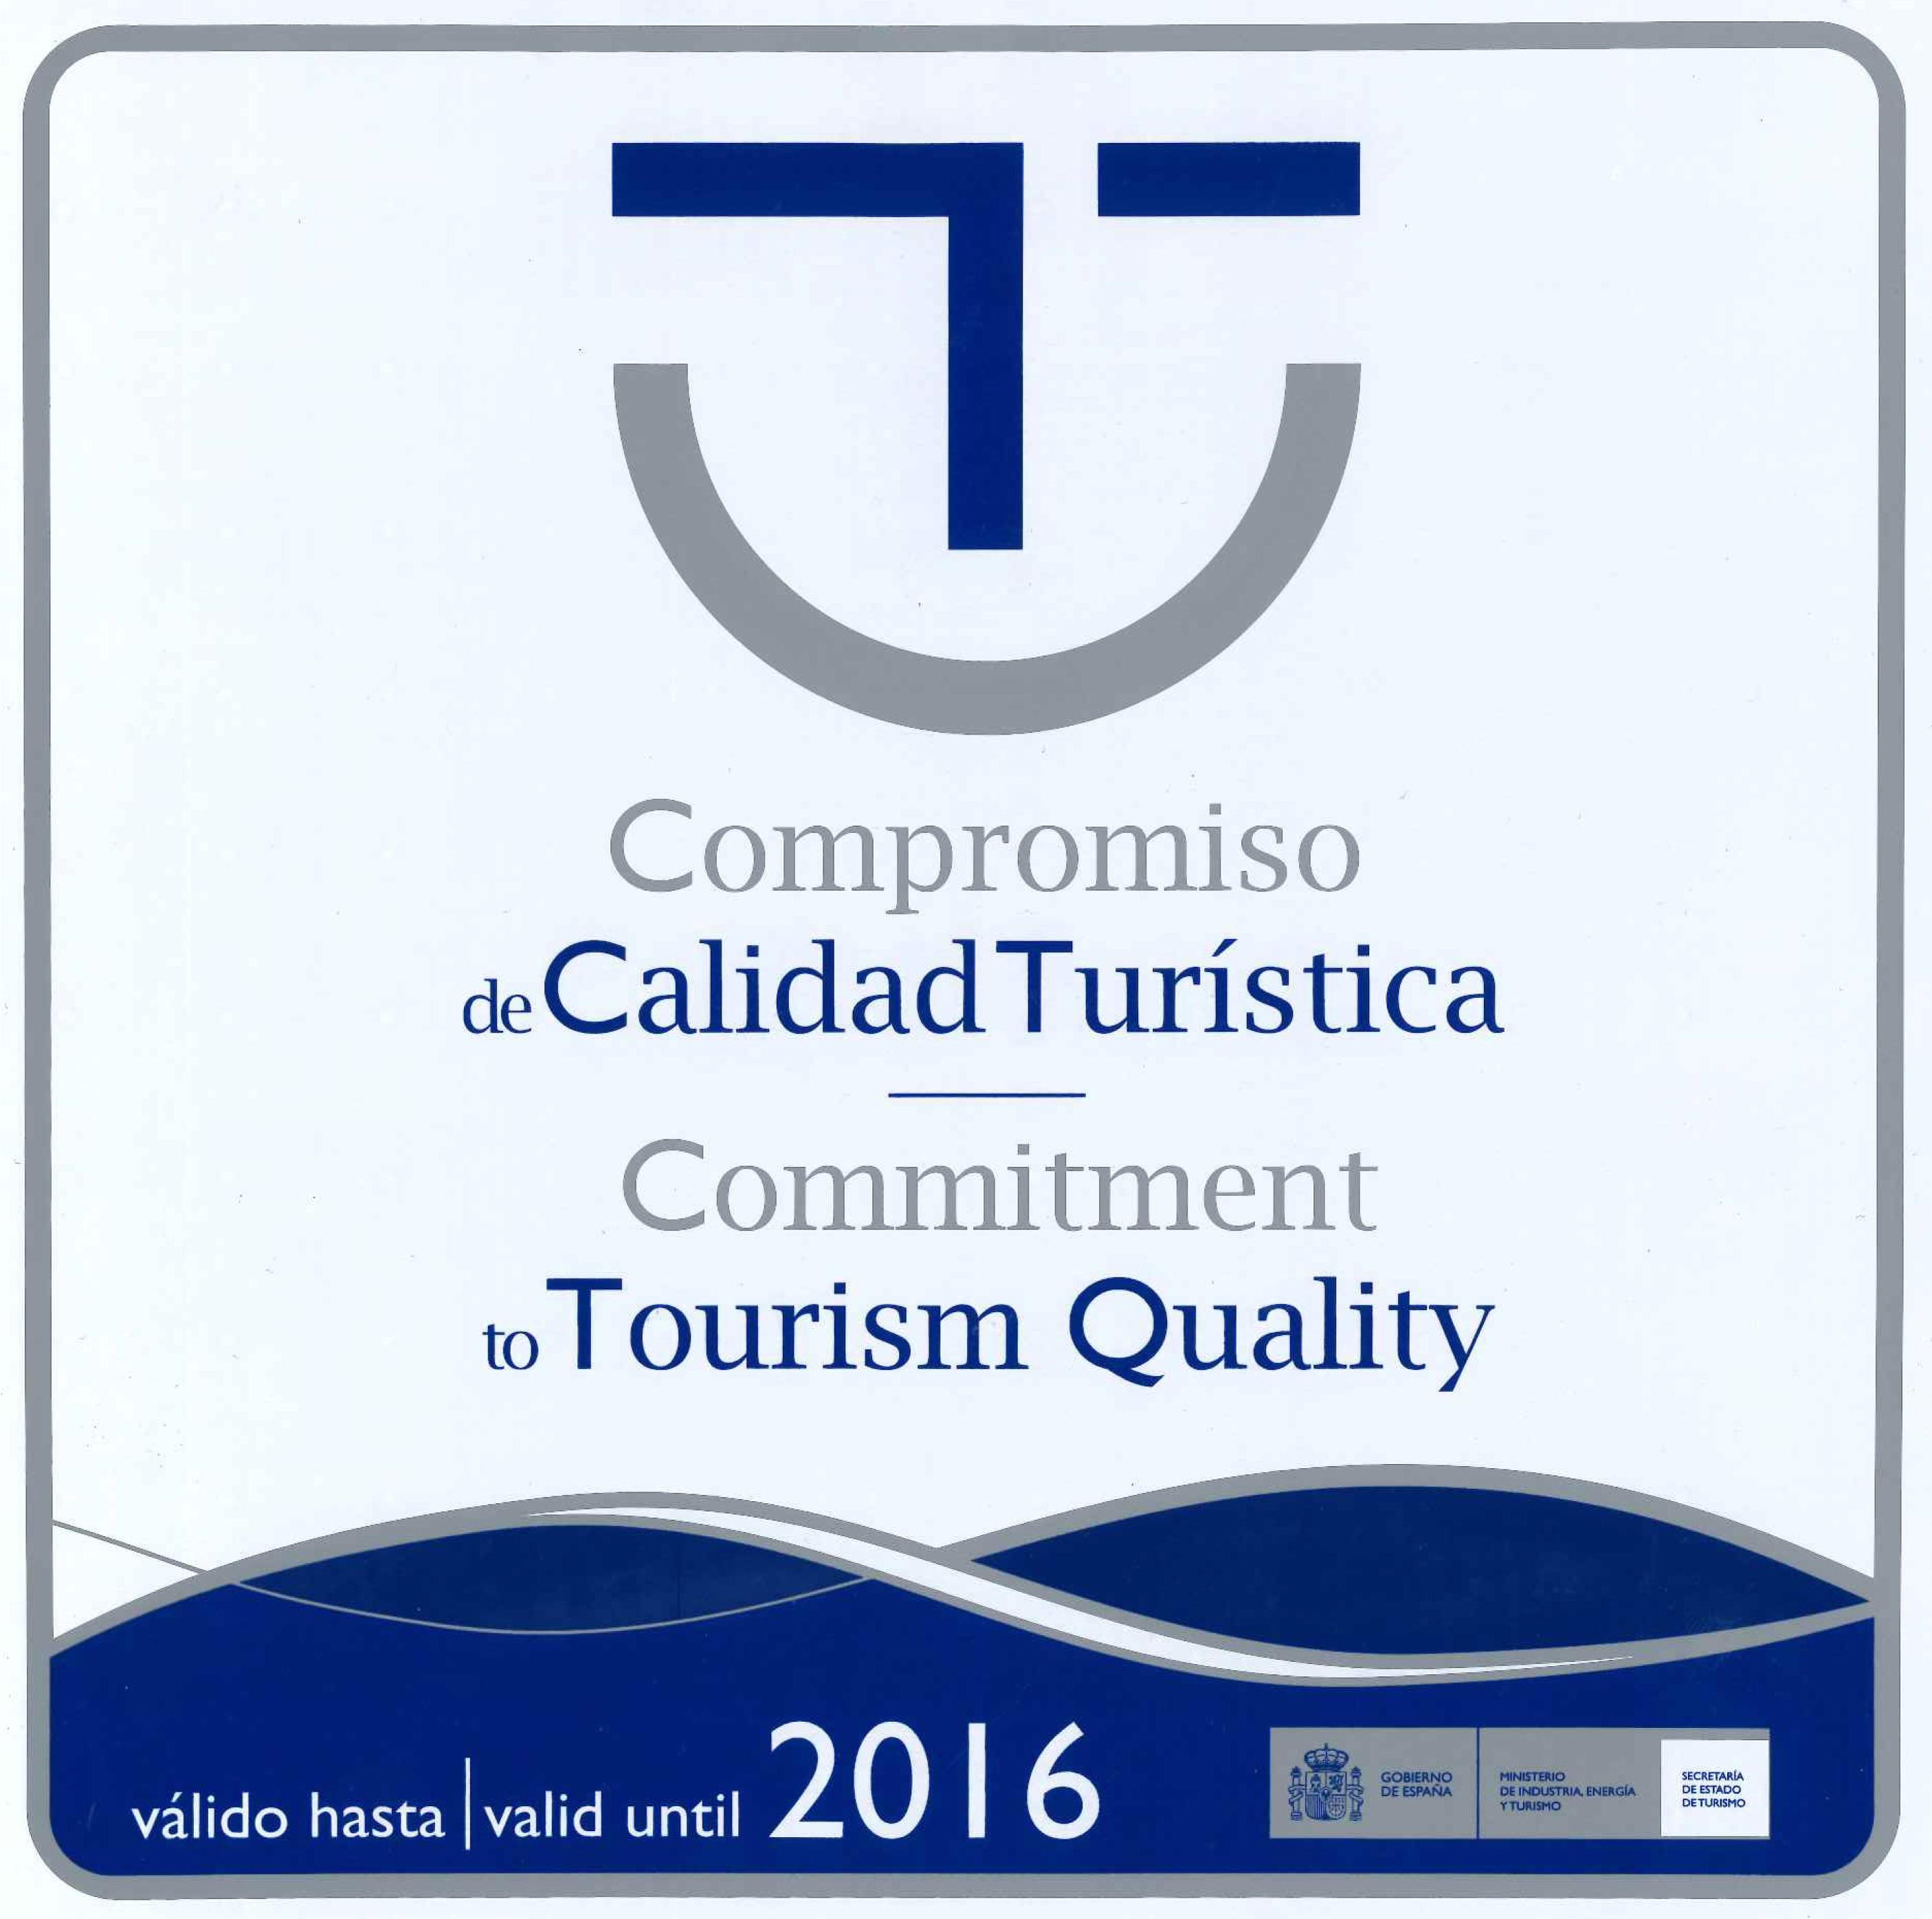 Distintivo de compromiso de calidad turística concedido al Museo